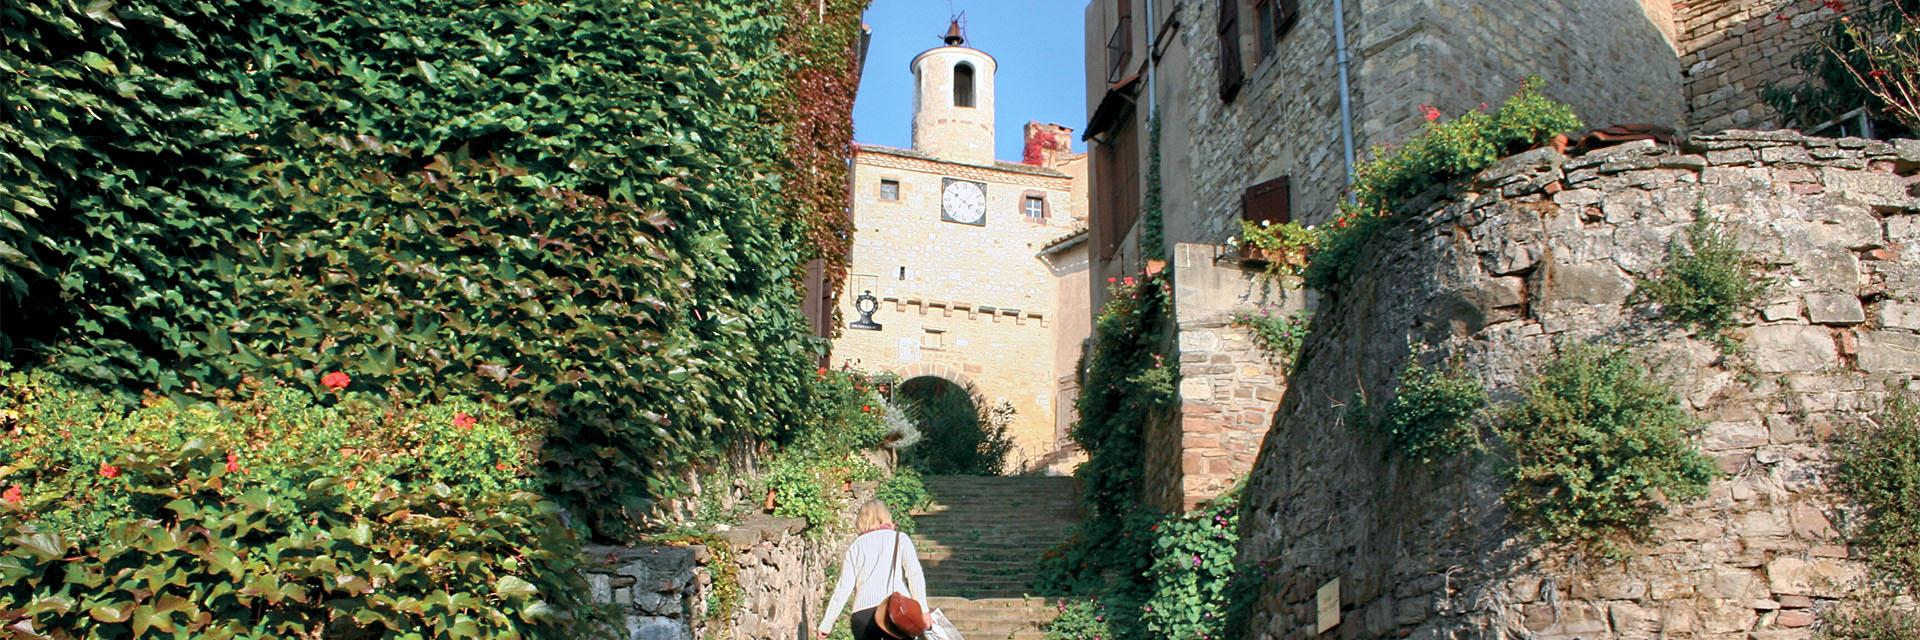 Village_club_vacances_aveyron-cantal-et-ardèche-maison-des-cent-vallées-chateau-de-najac